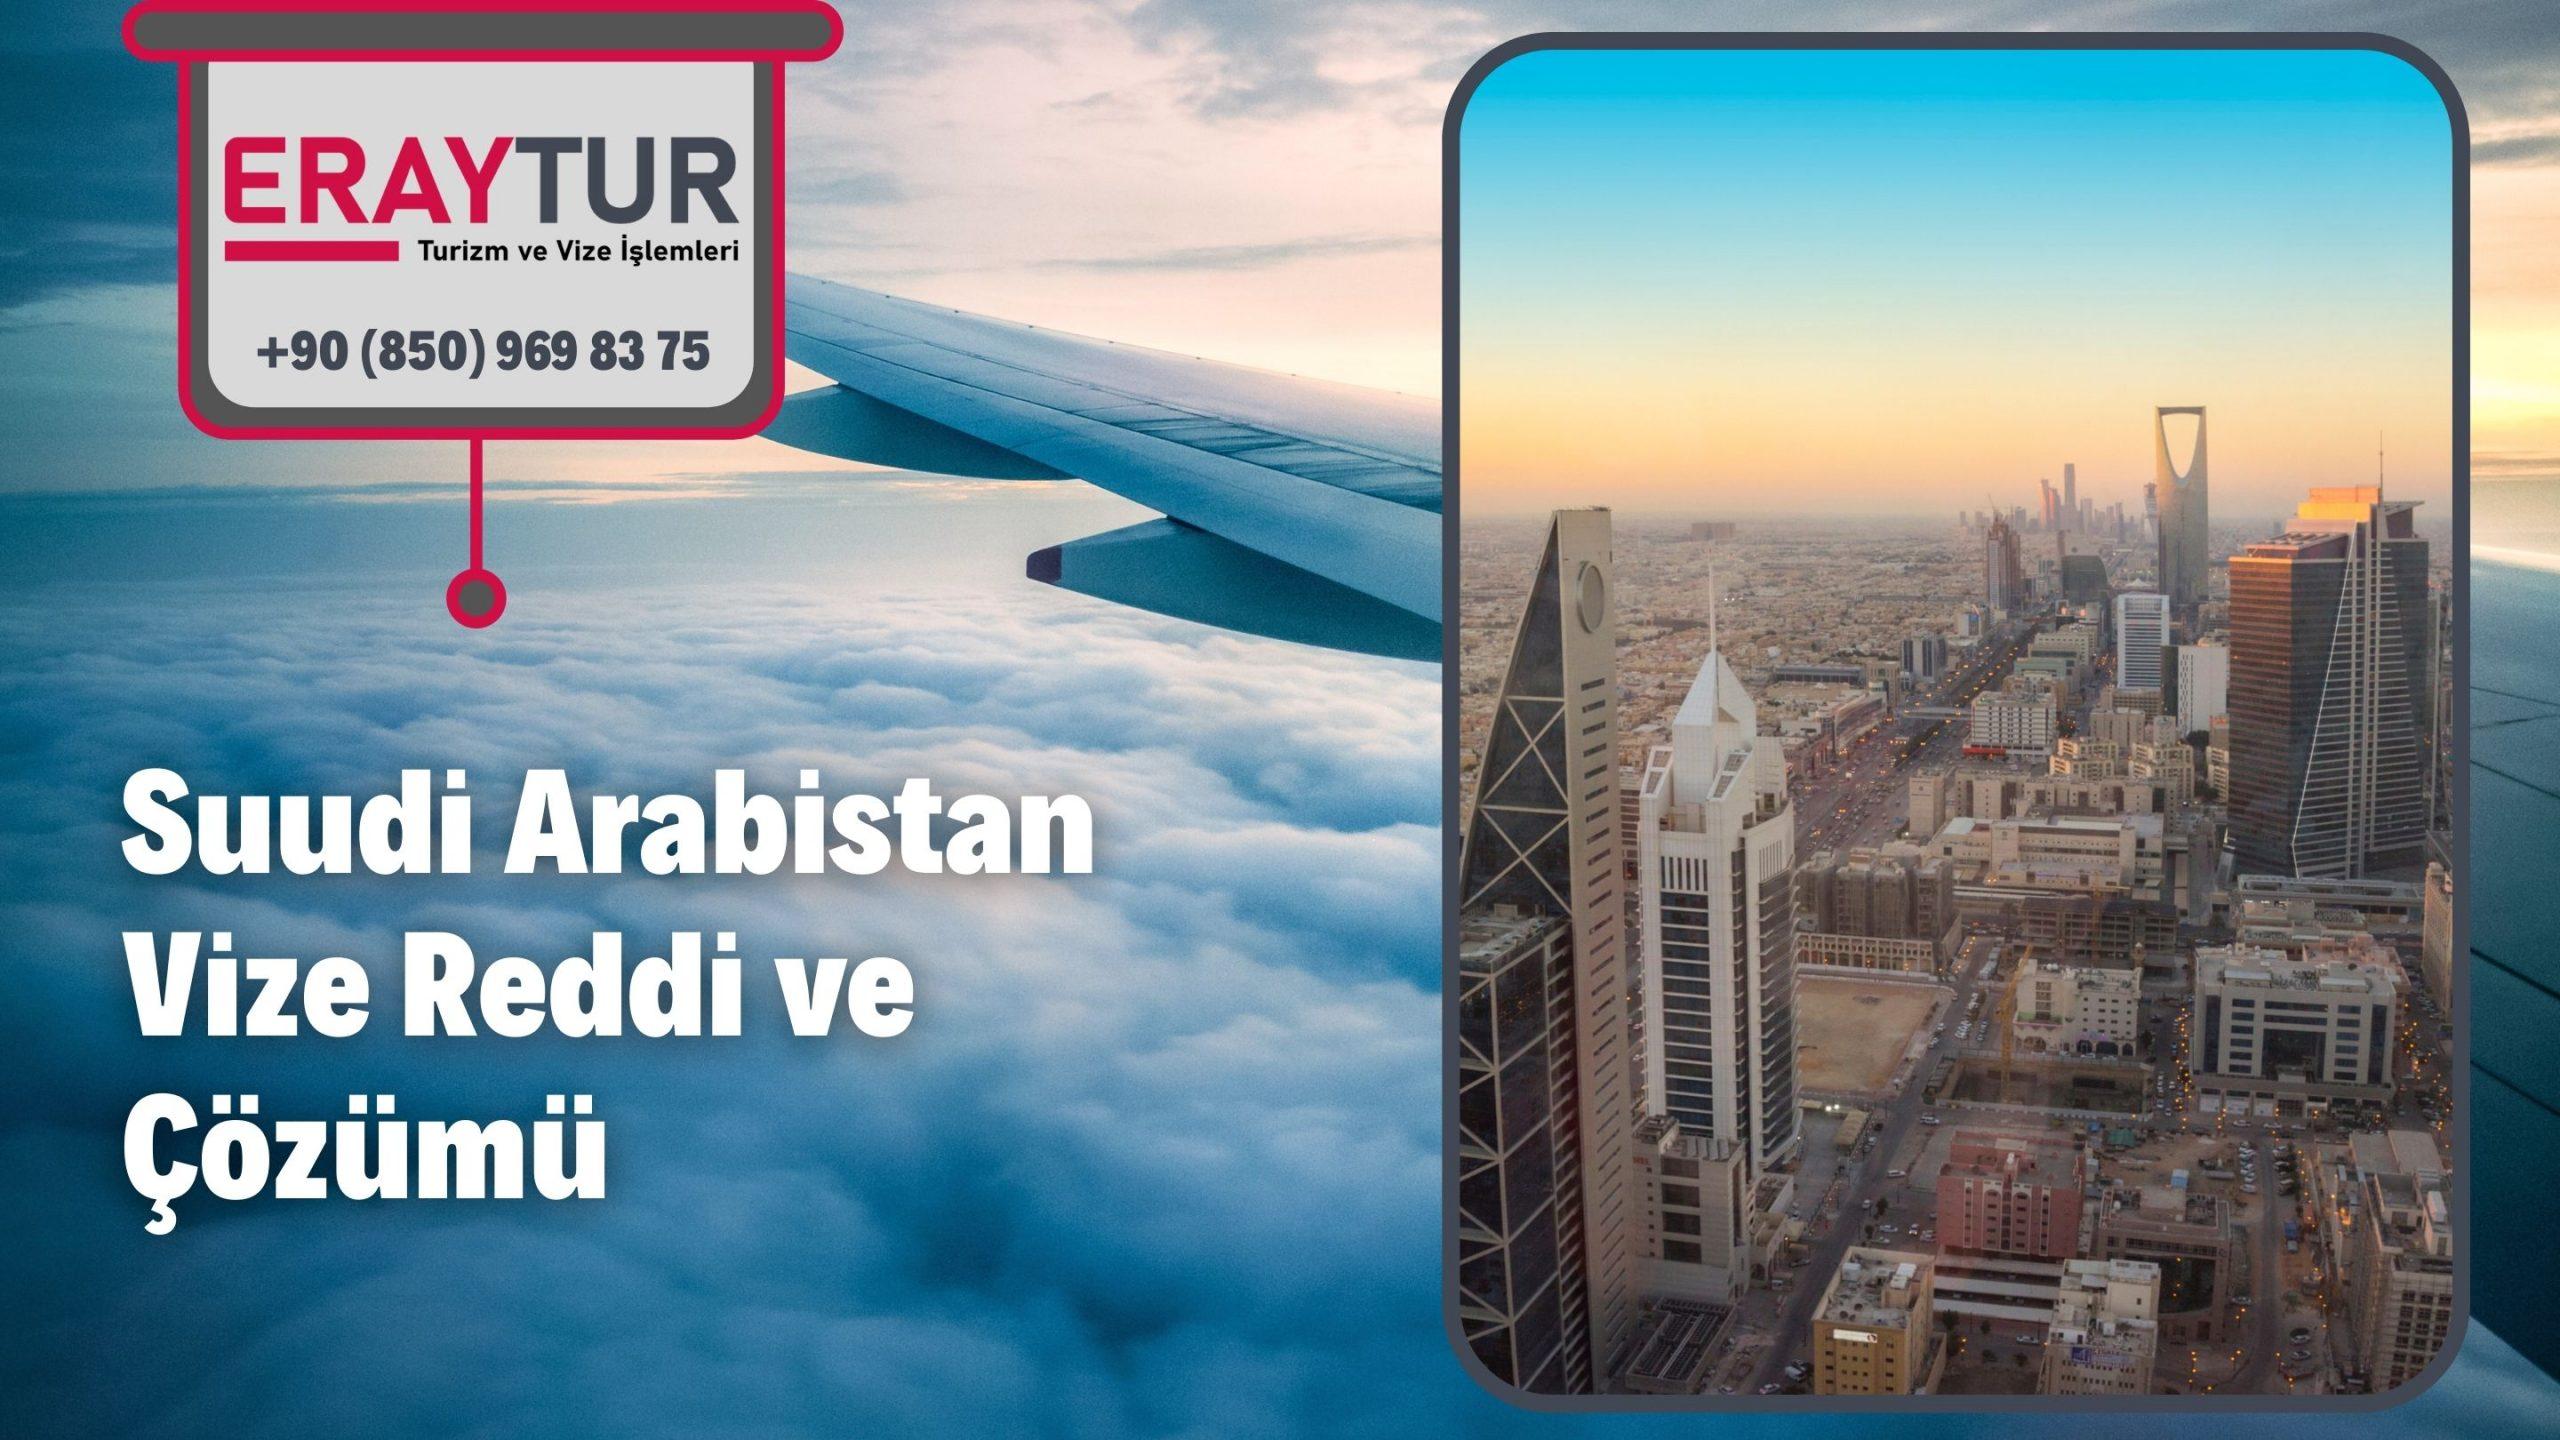 Suudi Arabistan Vize Reddi ve Çözümü